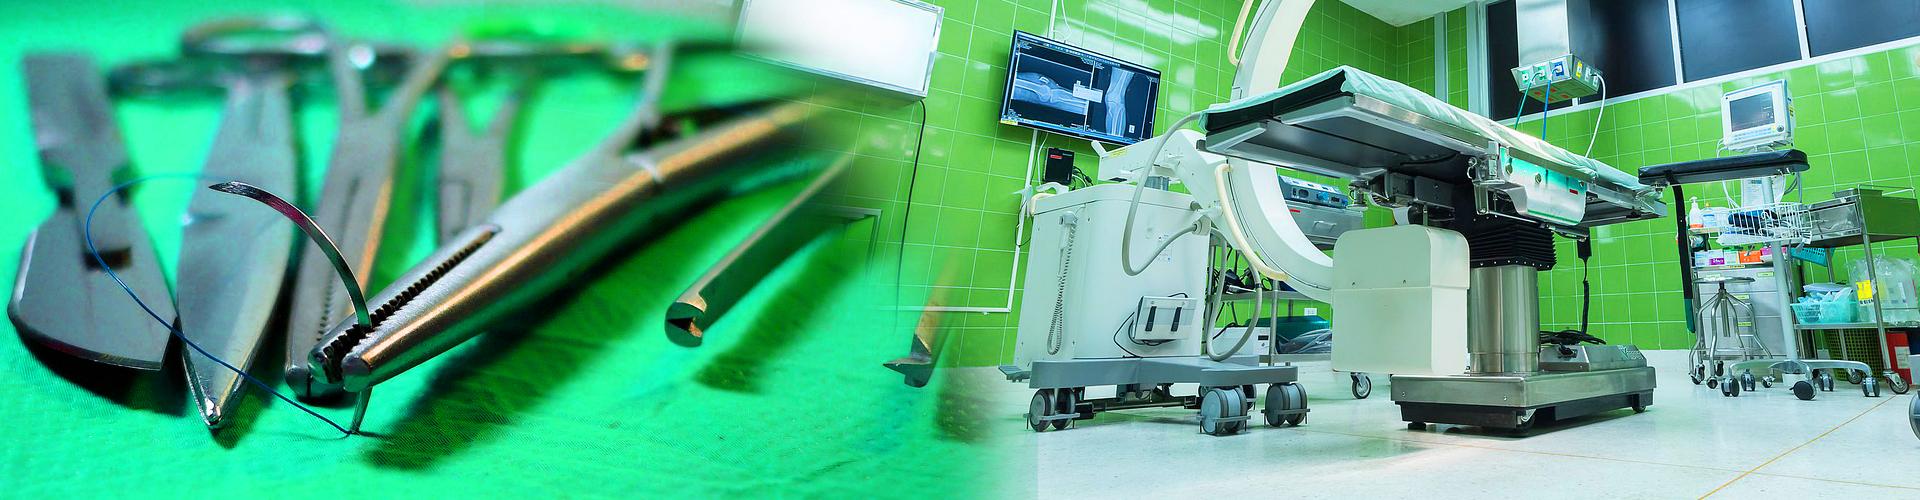 chirurgia HTC Centro Medico Stradella PV